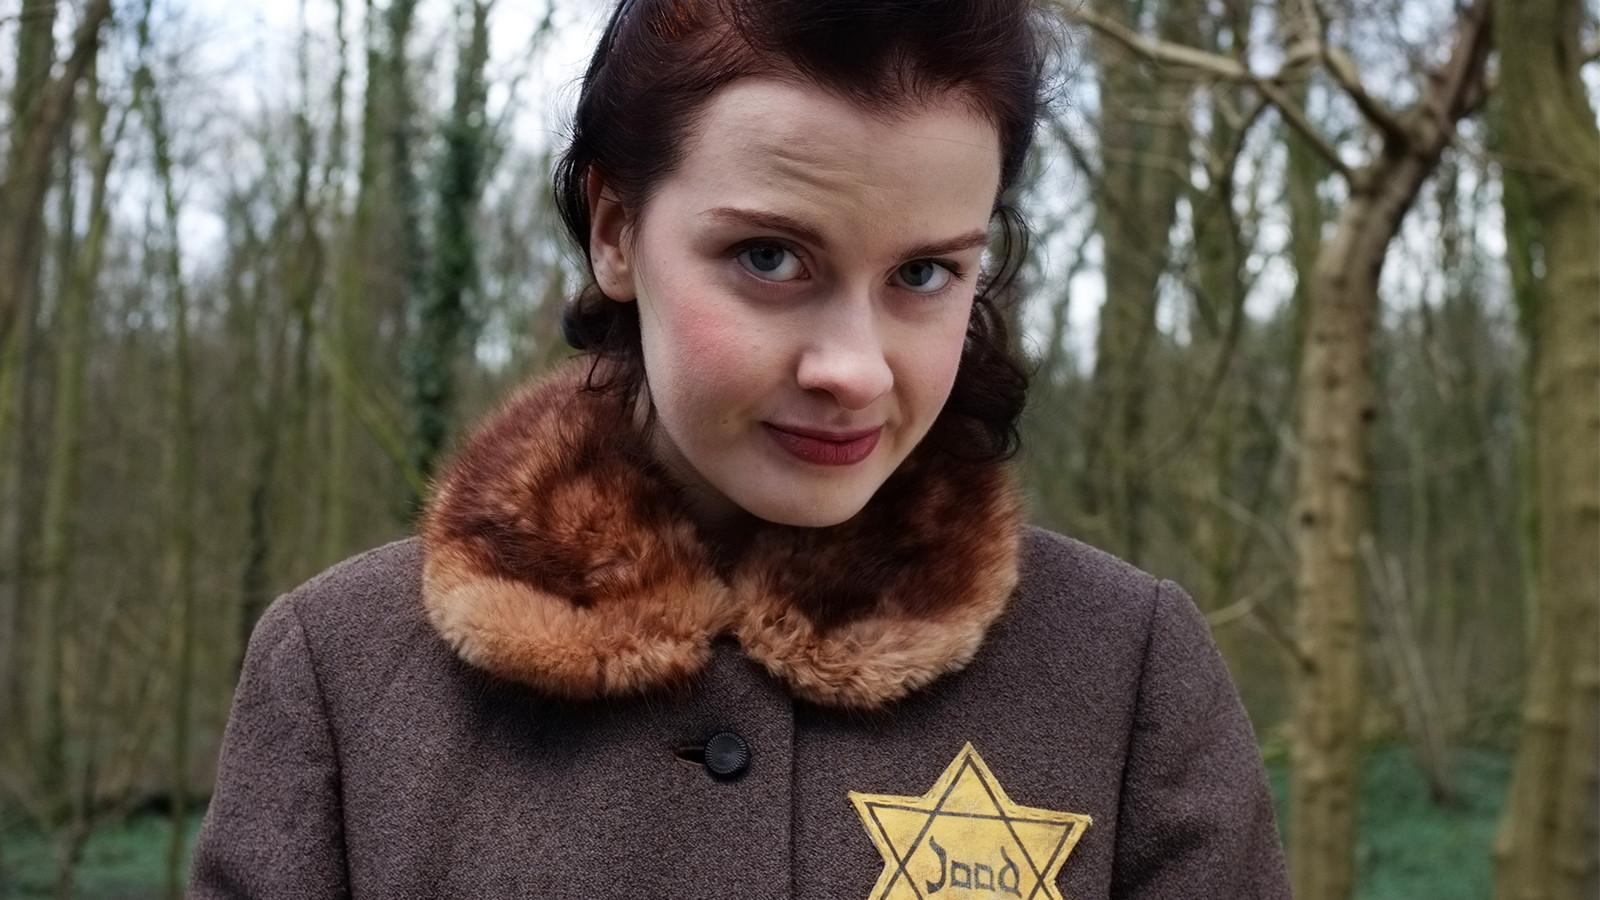 Oorlog-stories, een filmdrama voor de instagramgeneratie over de Tweede Wereldoorlog. De actrice heet Claudia Kanne.